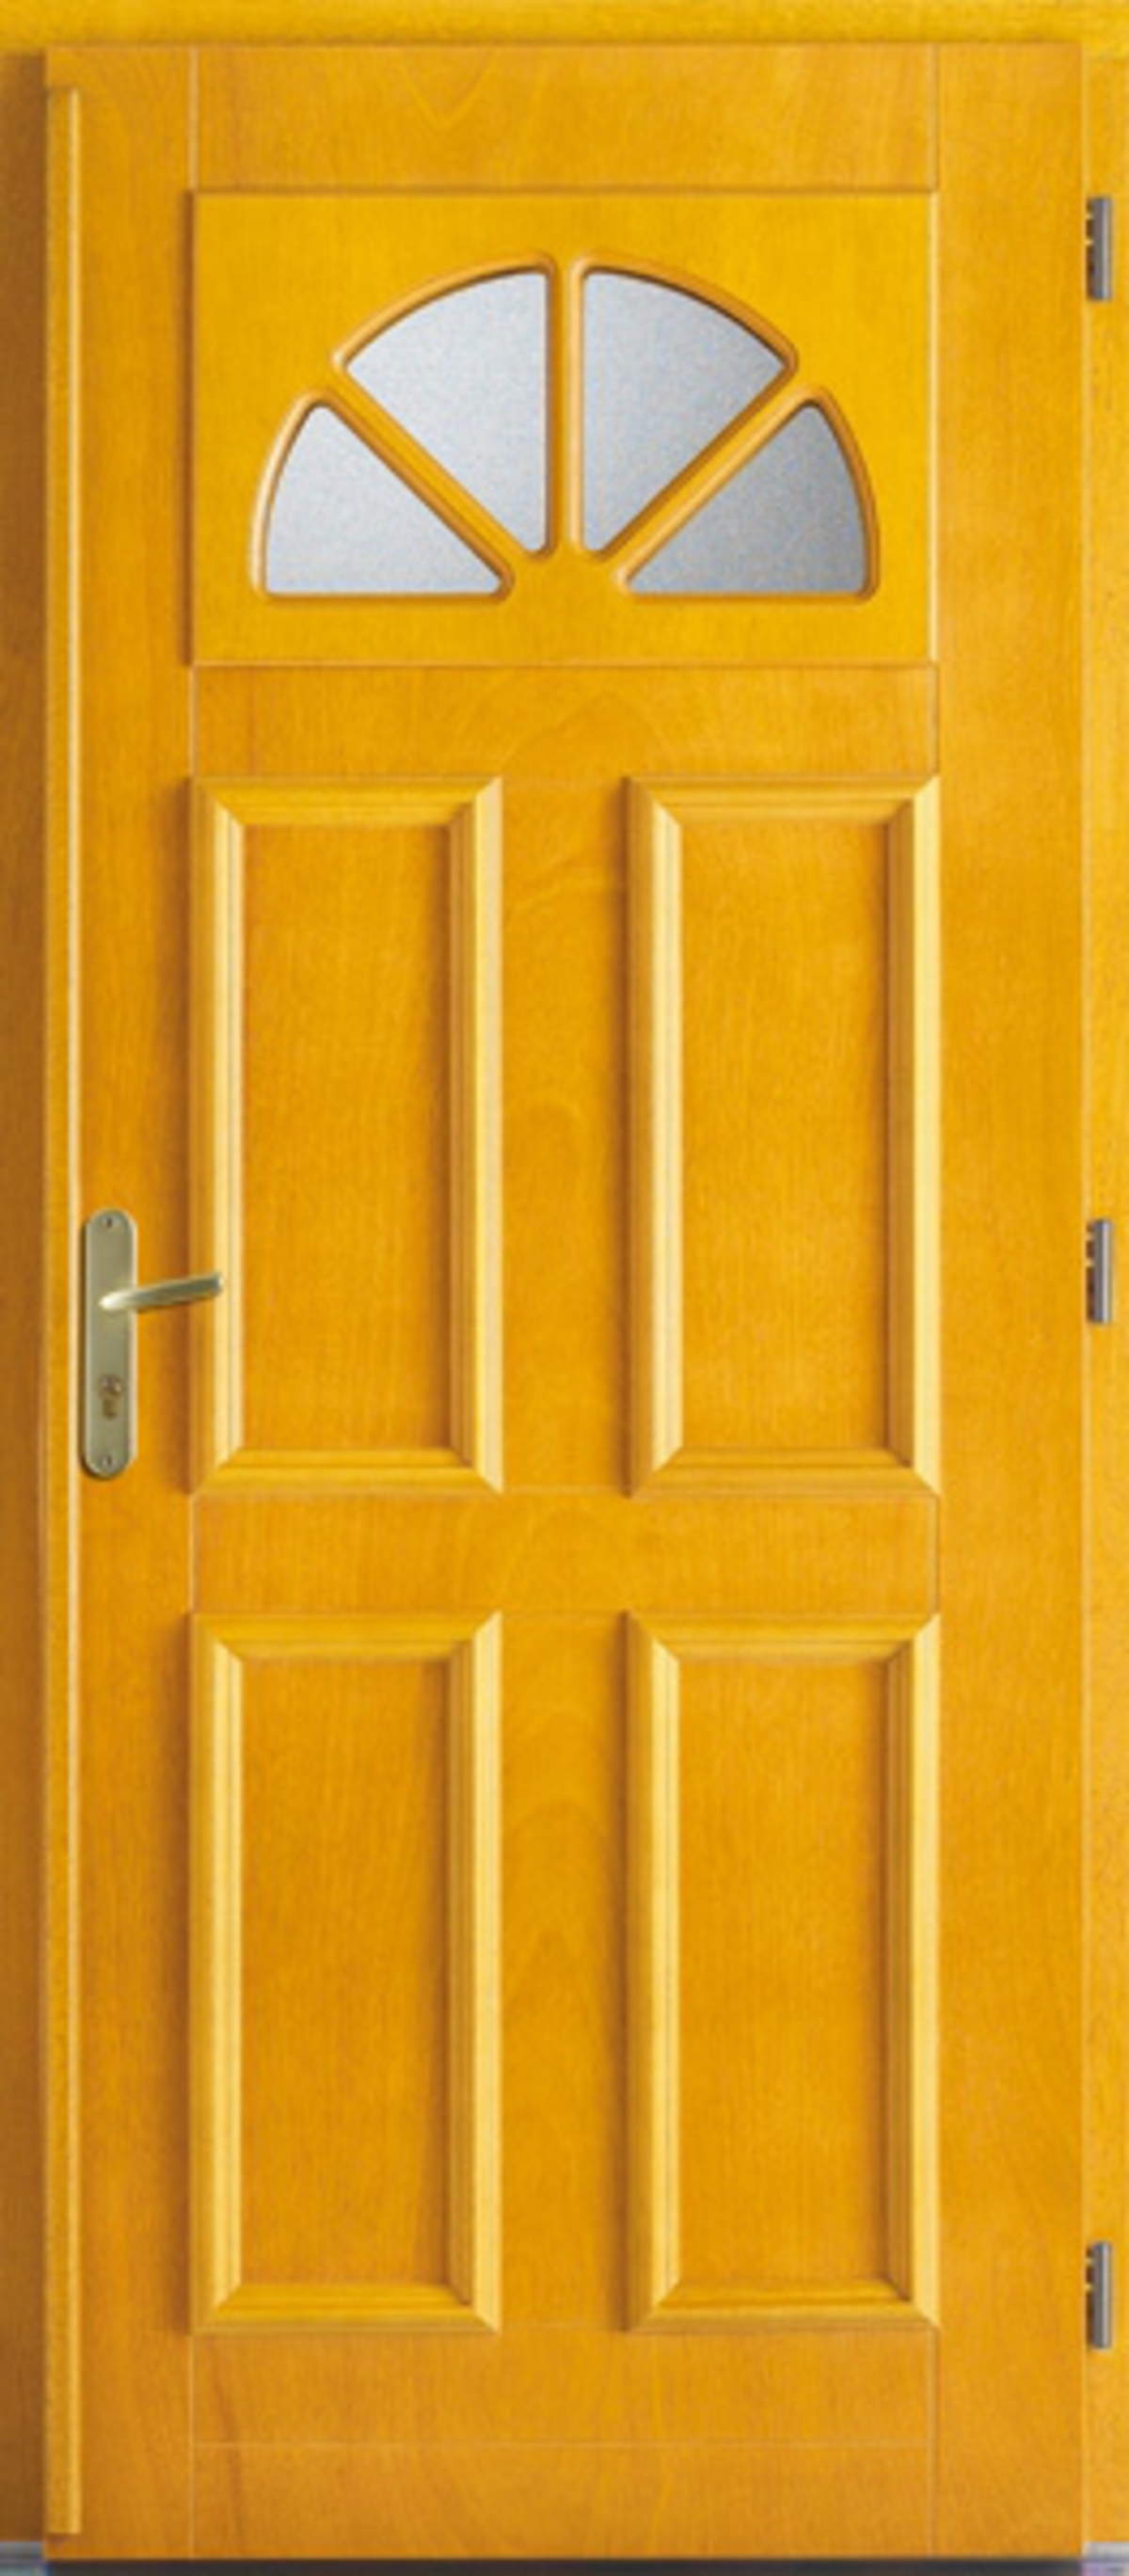 Fen tre facile porte d 39 entr e bois exotique clair for Porte fenetre bois exotique